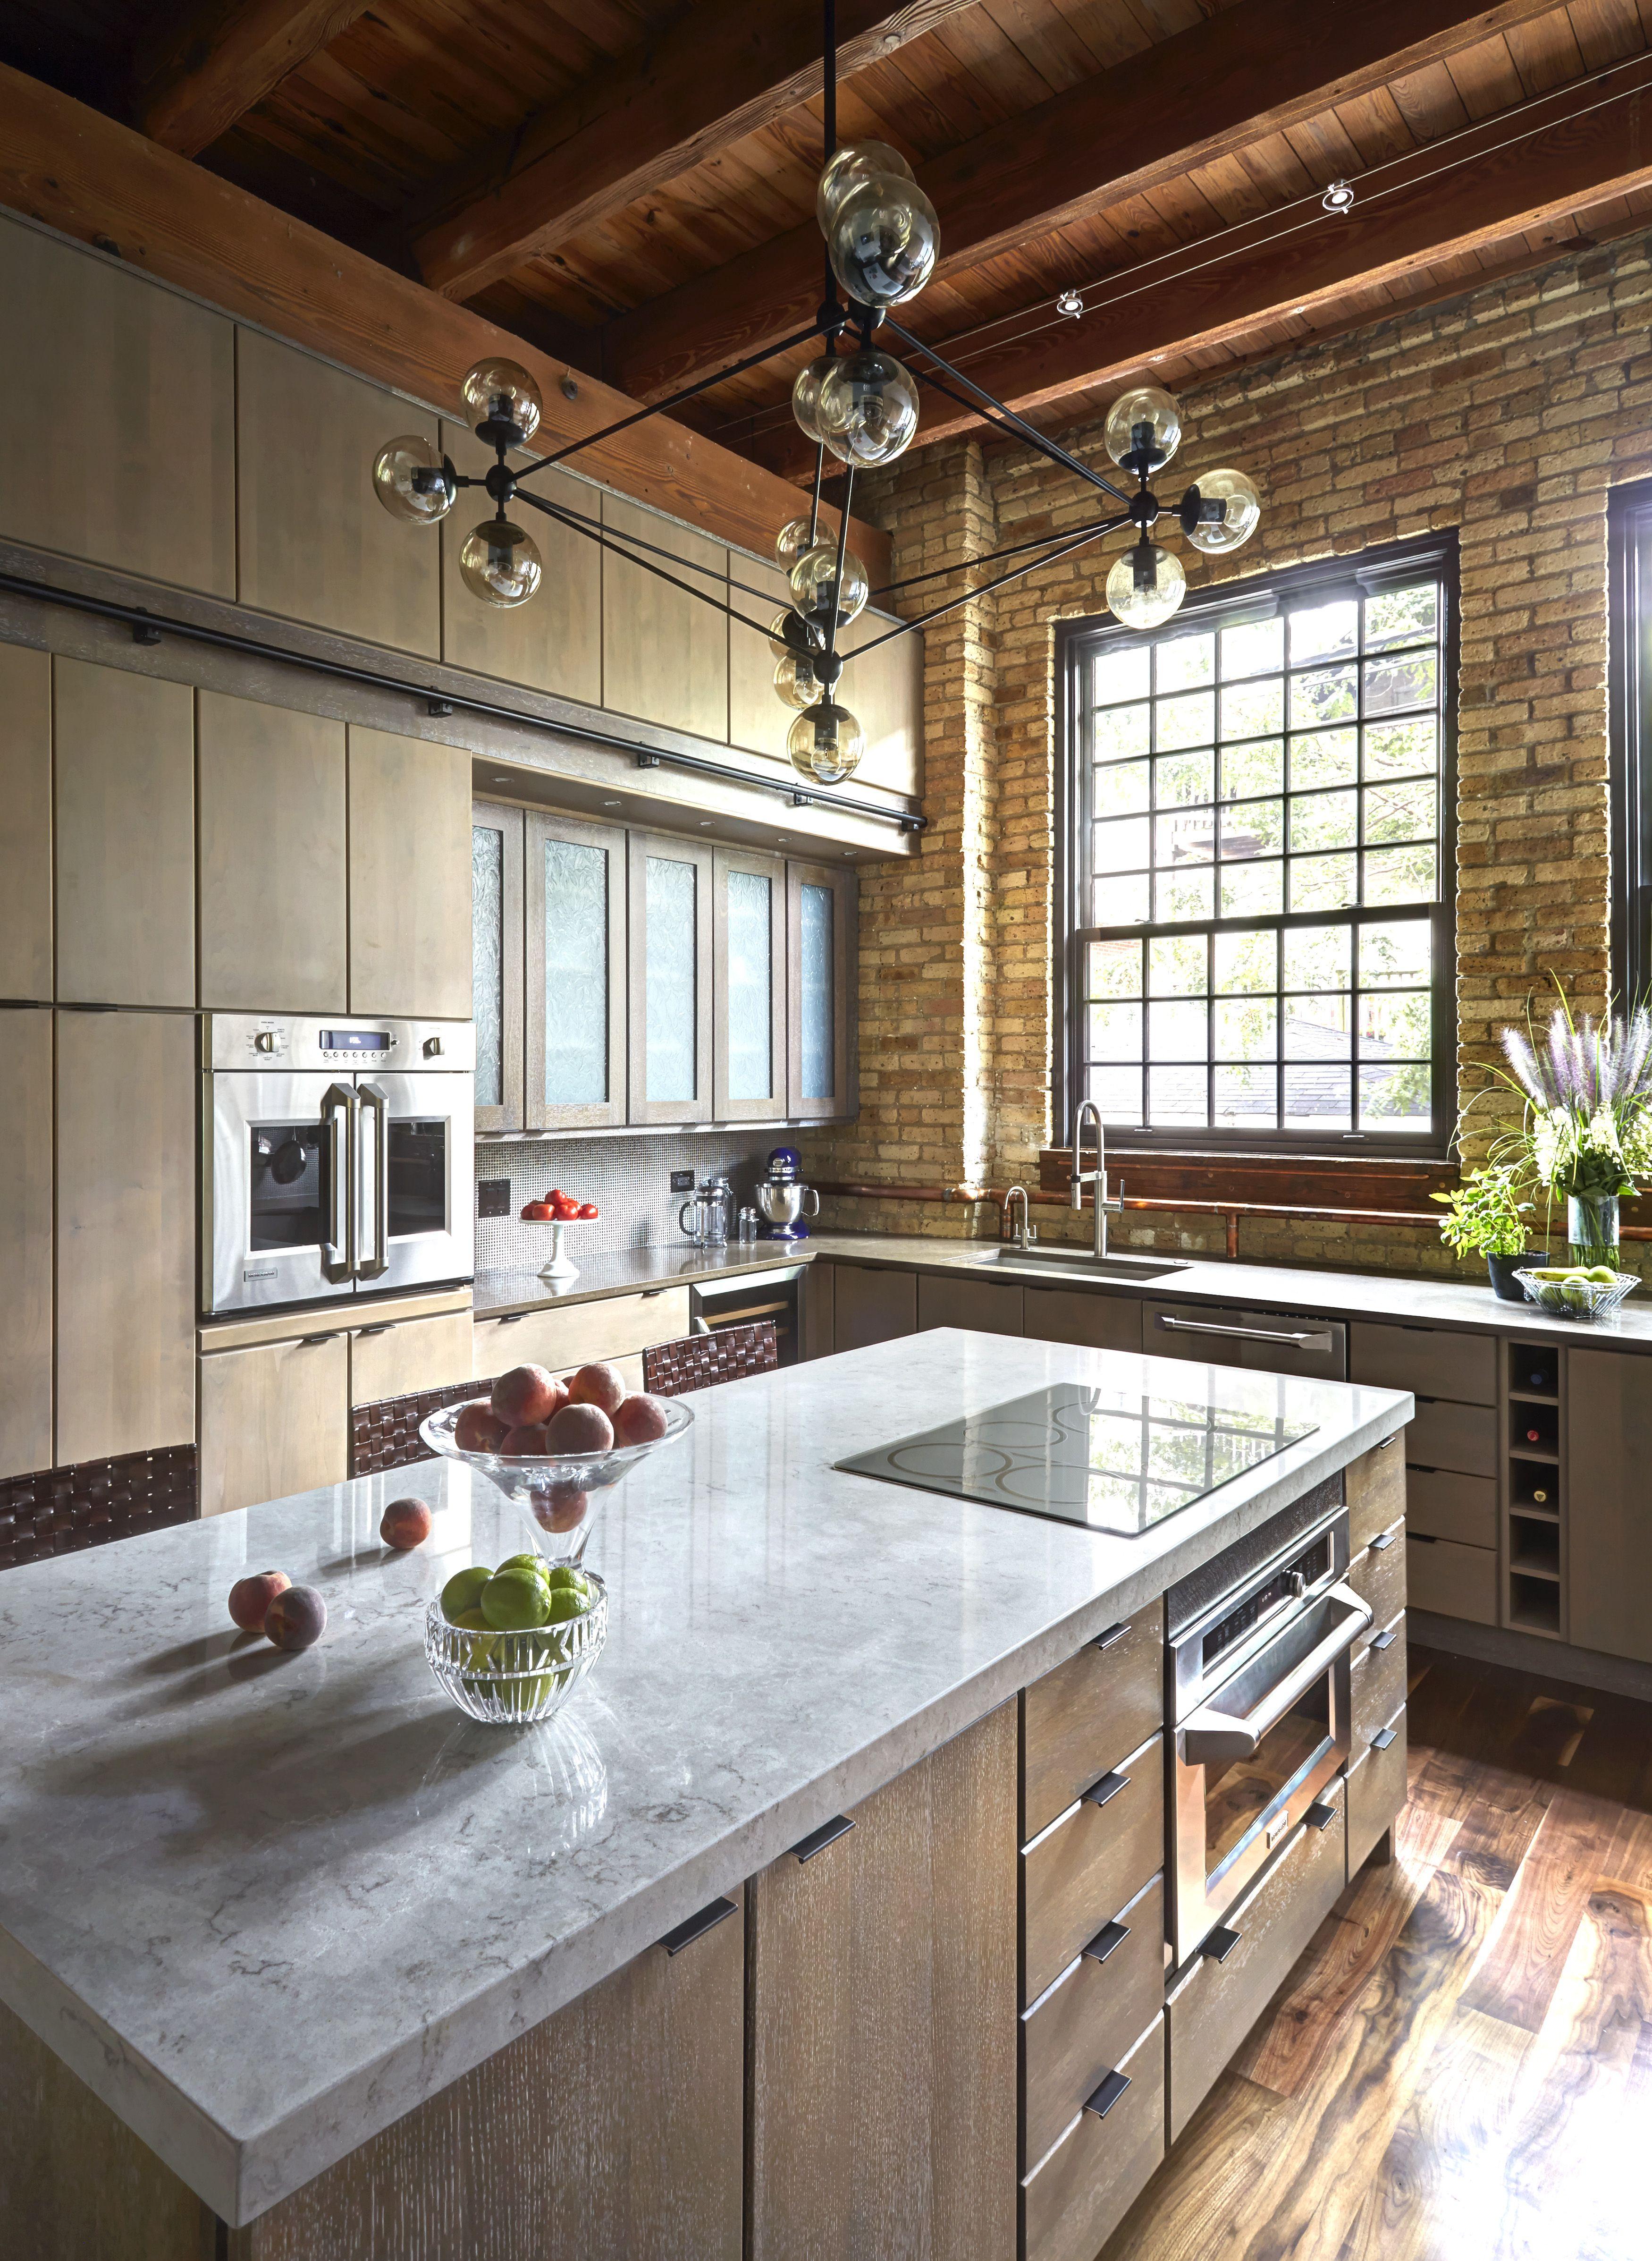 Interior Designed Kitchens Industrial Kitchen In Chicago Designedfred M Alsen Of Fma